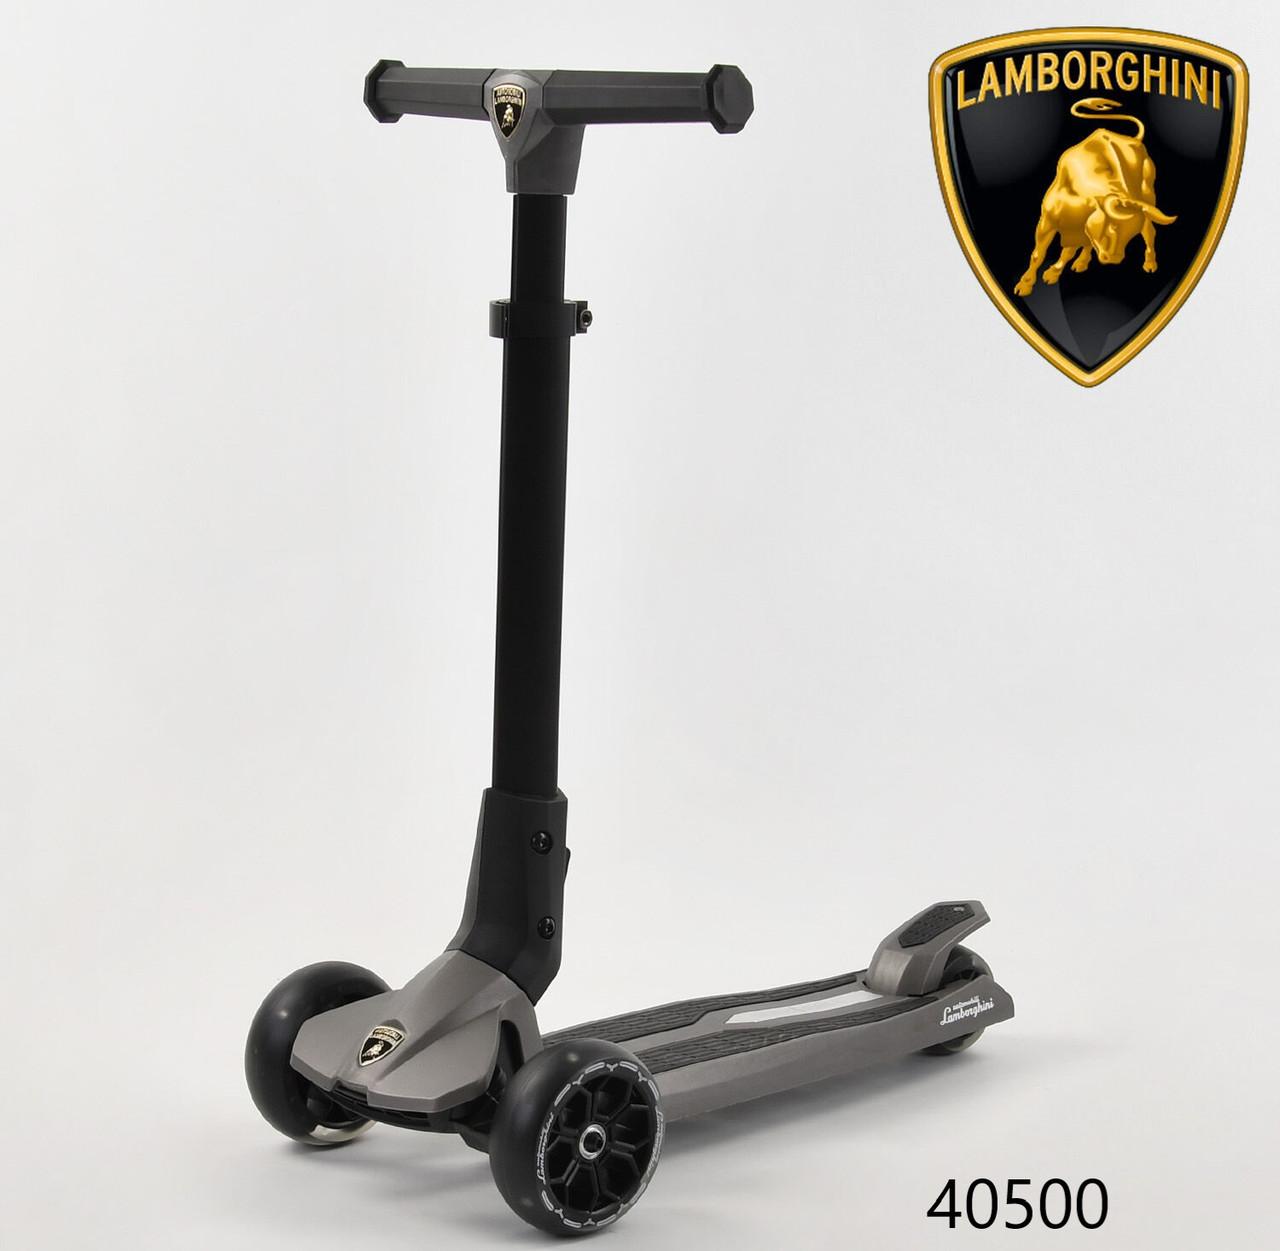 Самокат Lamborghini (ліцензія) триколісний дитячий LB-20300 складаний